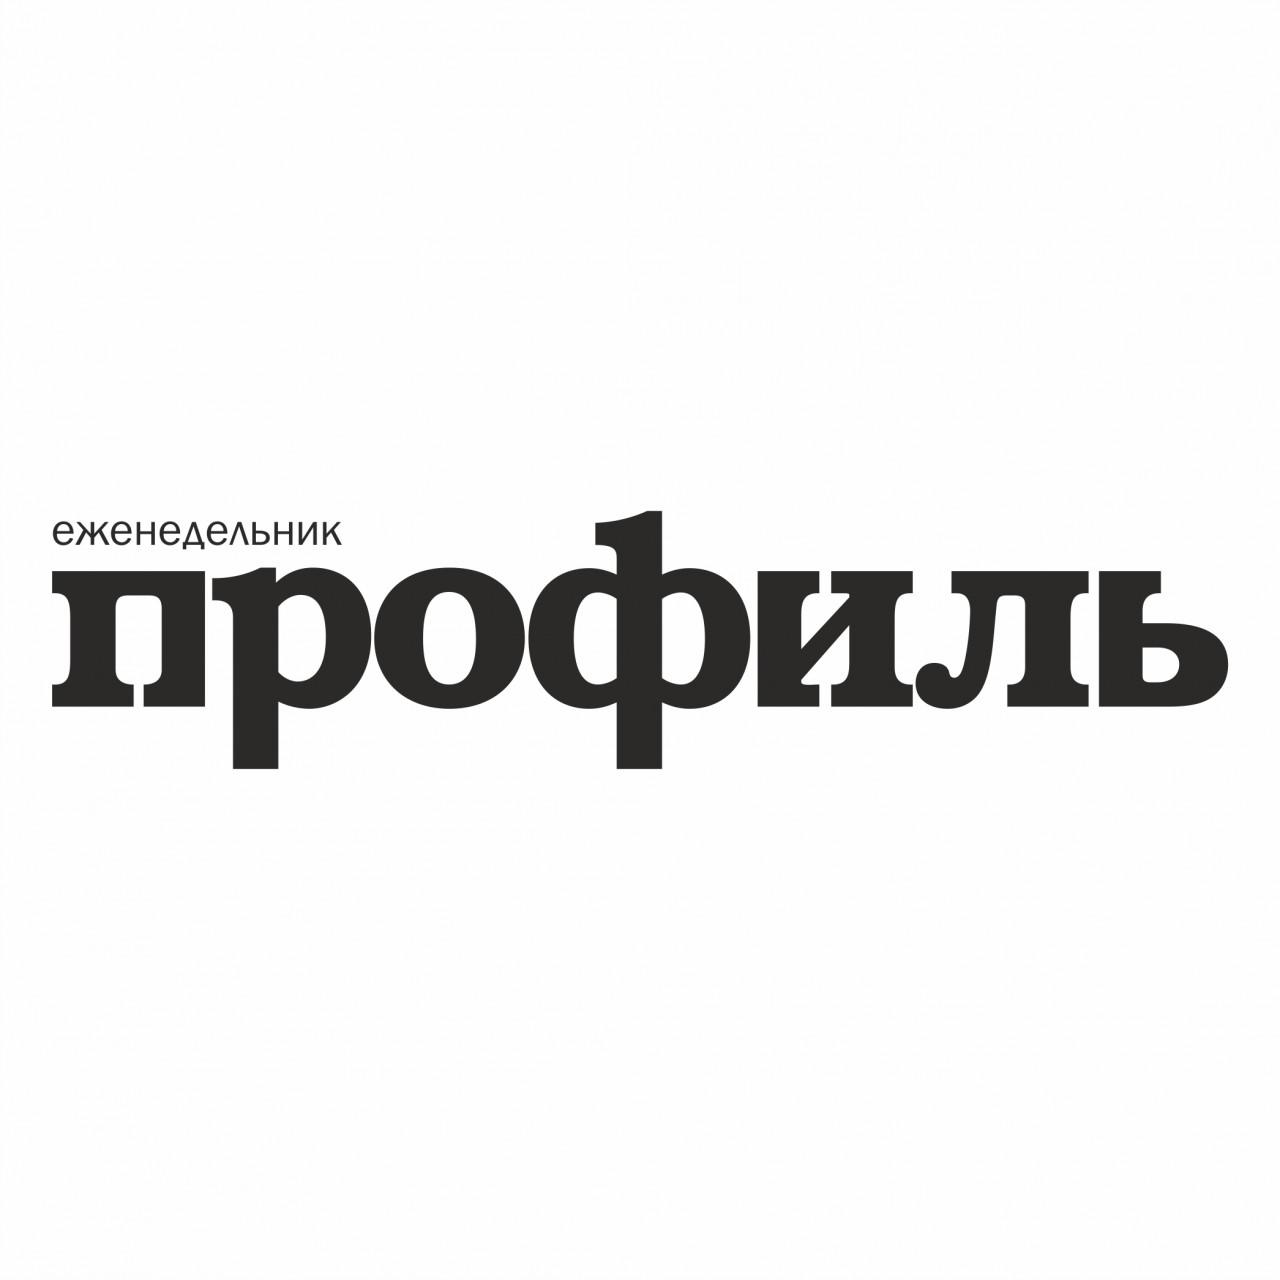 Посольство РФ в Вашингтоне: США не имеет права обвинять РФ и требовать кого-то освободить